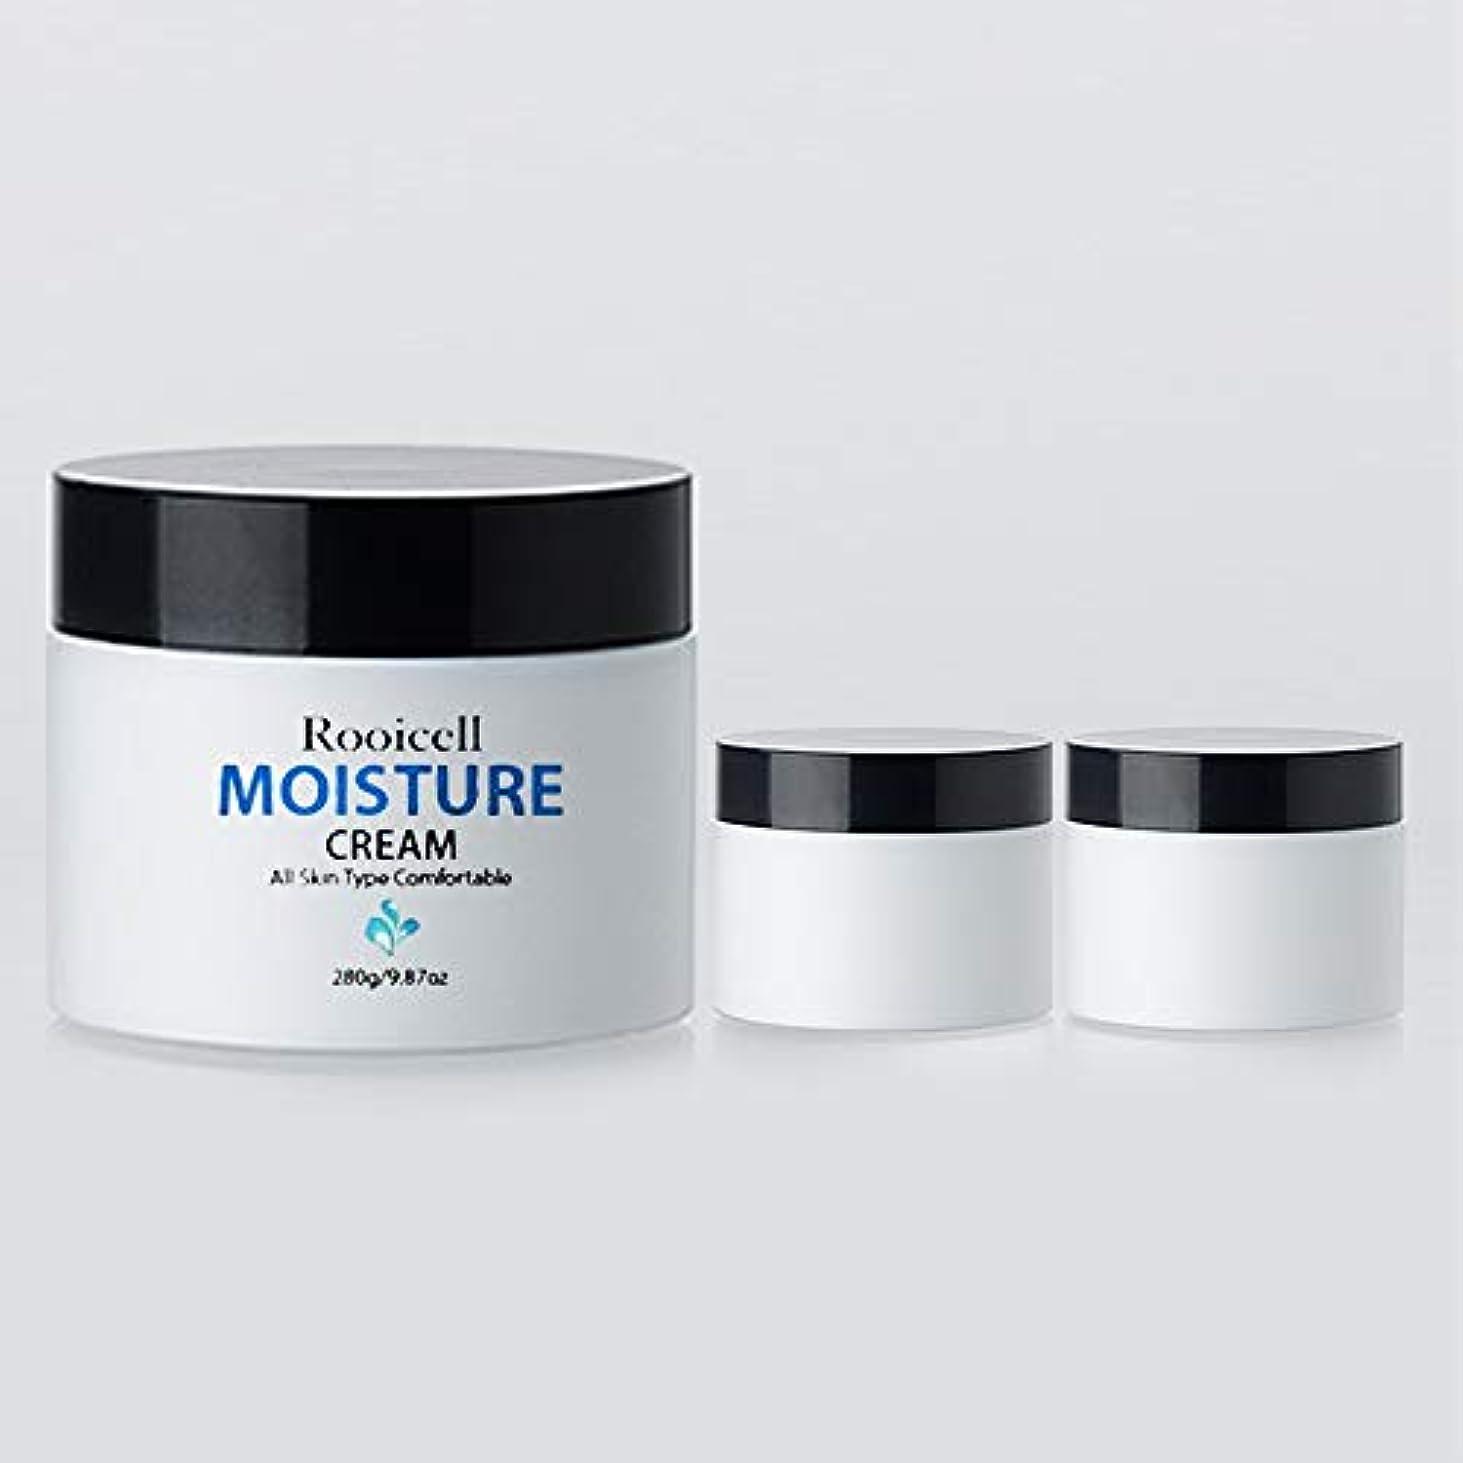 展示会パリティ胴体[ Rooicell ] ルイセル モイスチャークリーム 280g Korea cosmetic (moisture cream 280g)